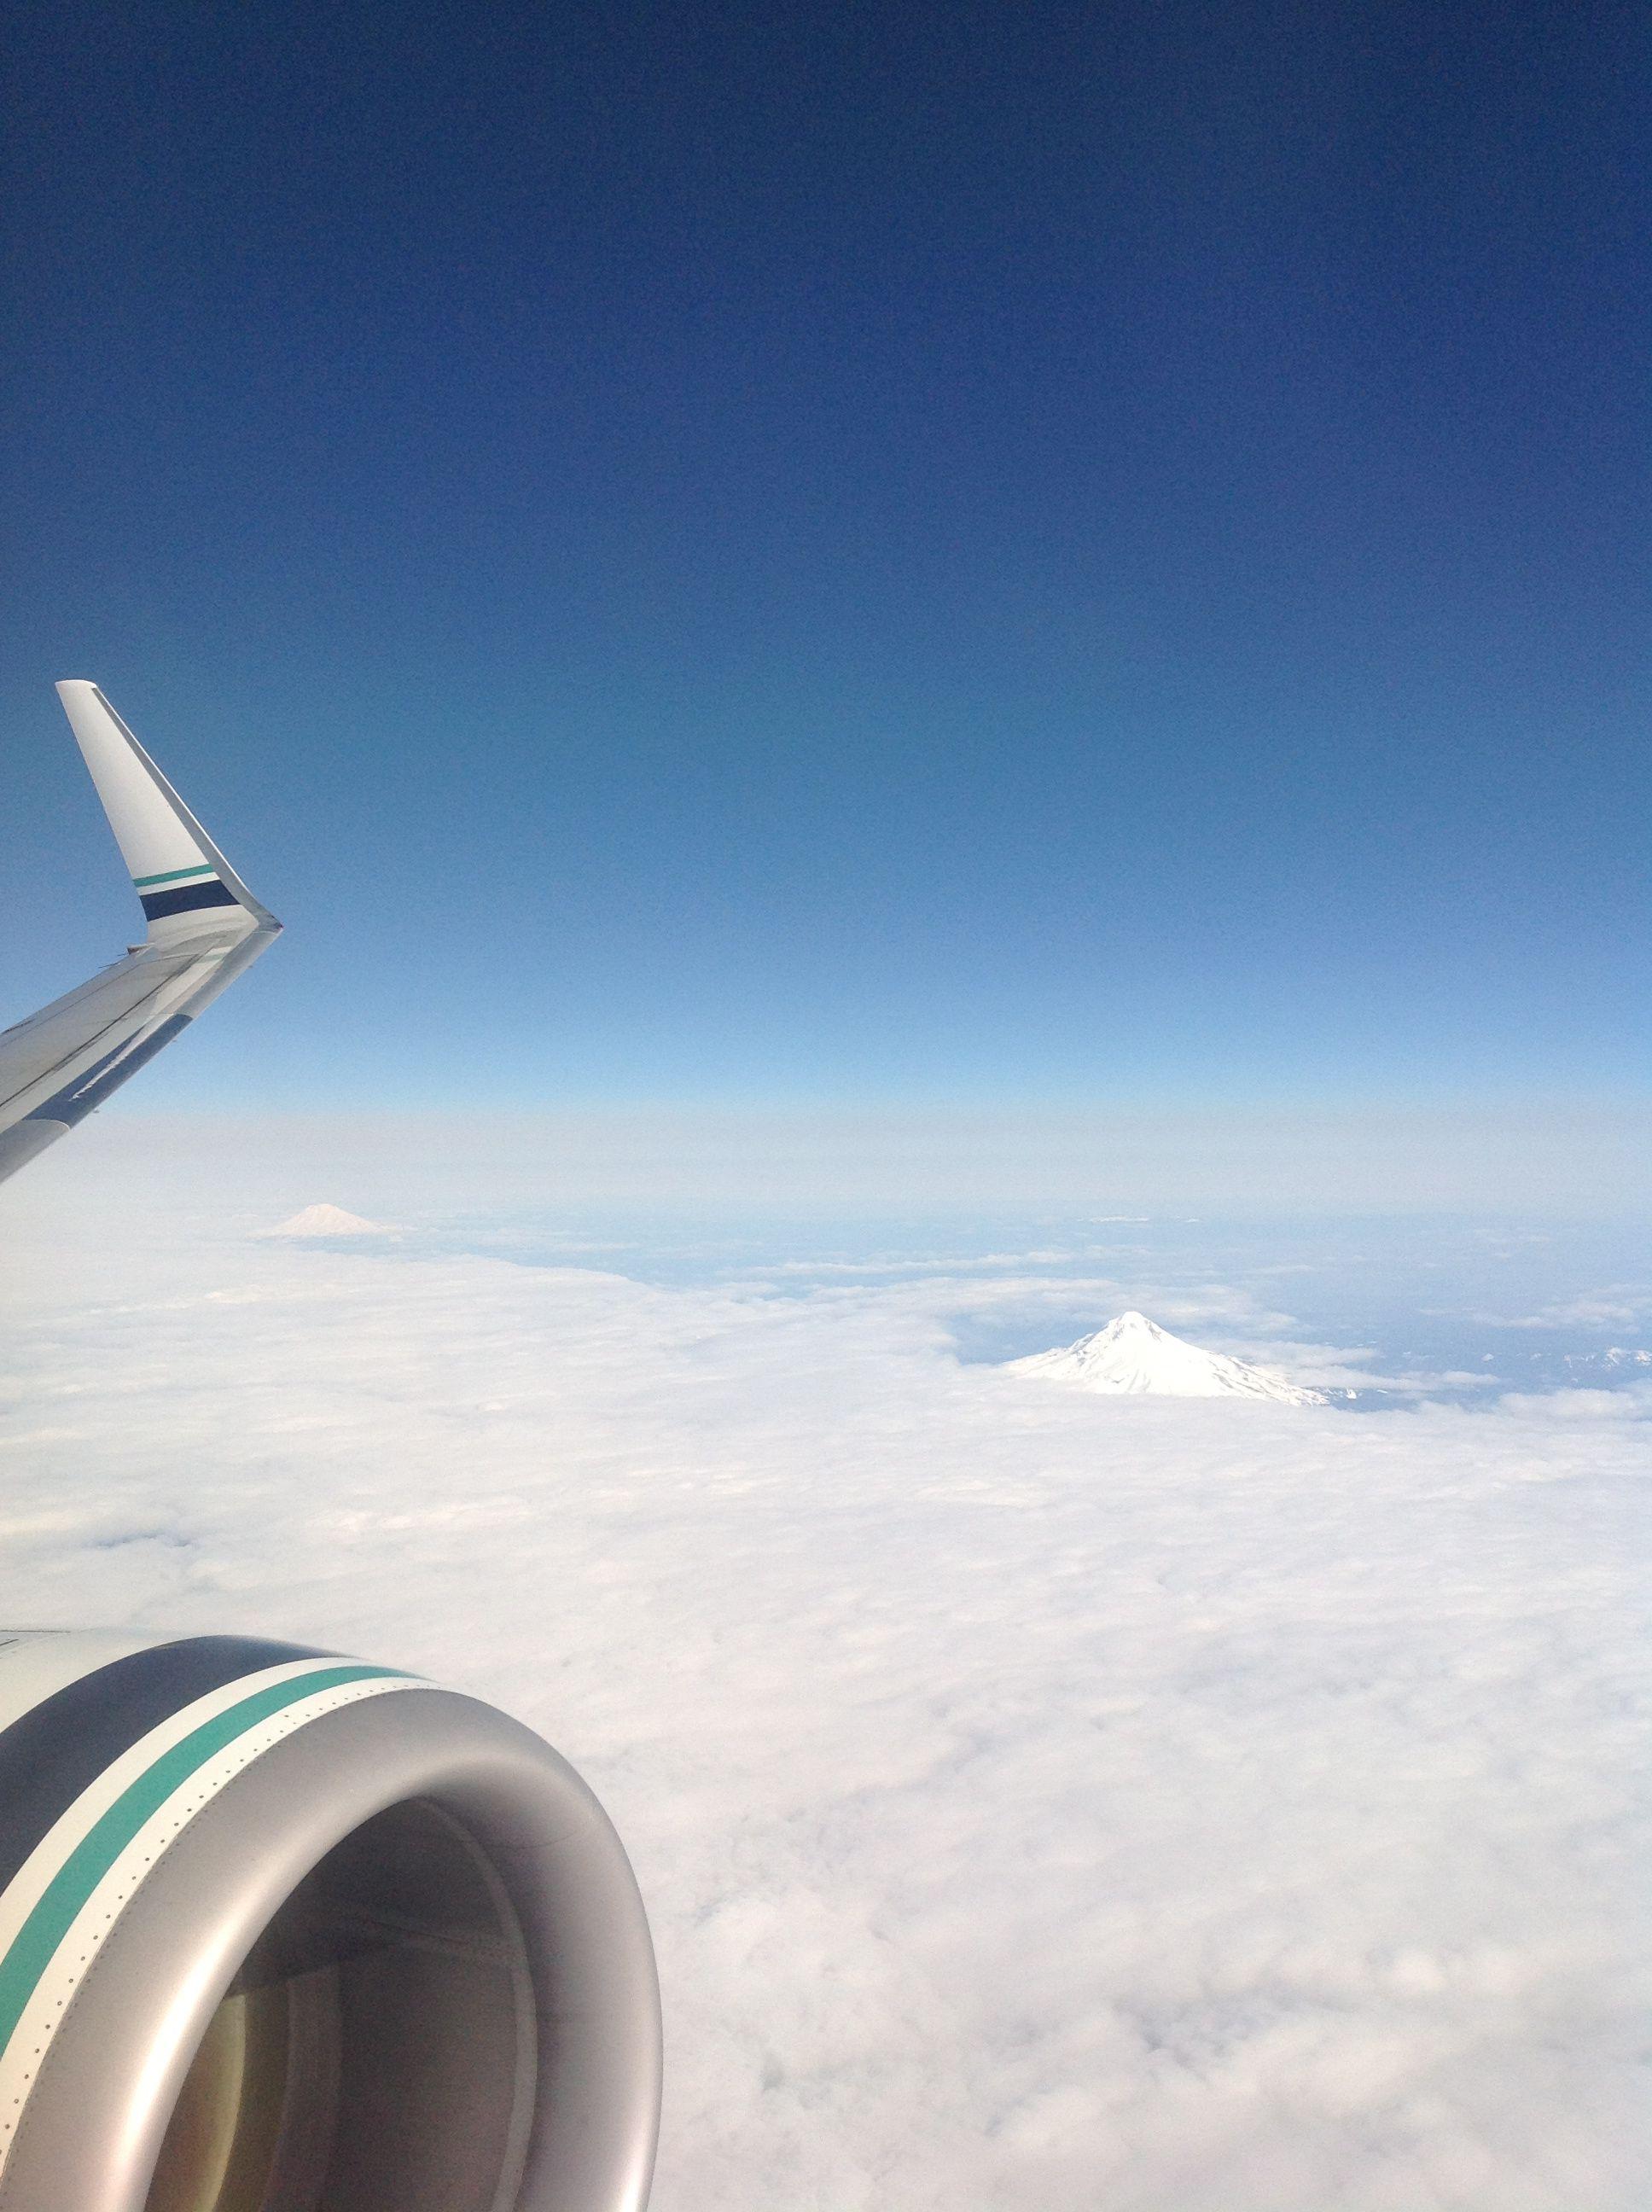 Mount hood sky